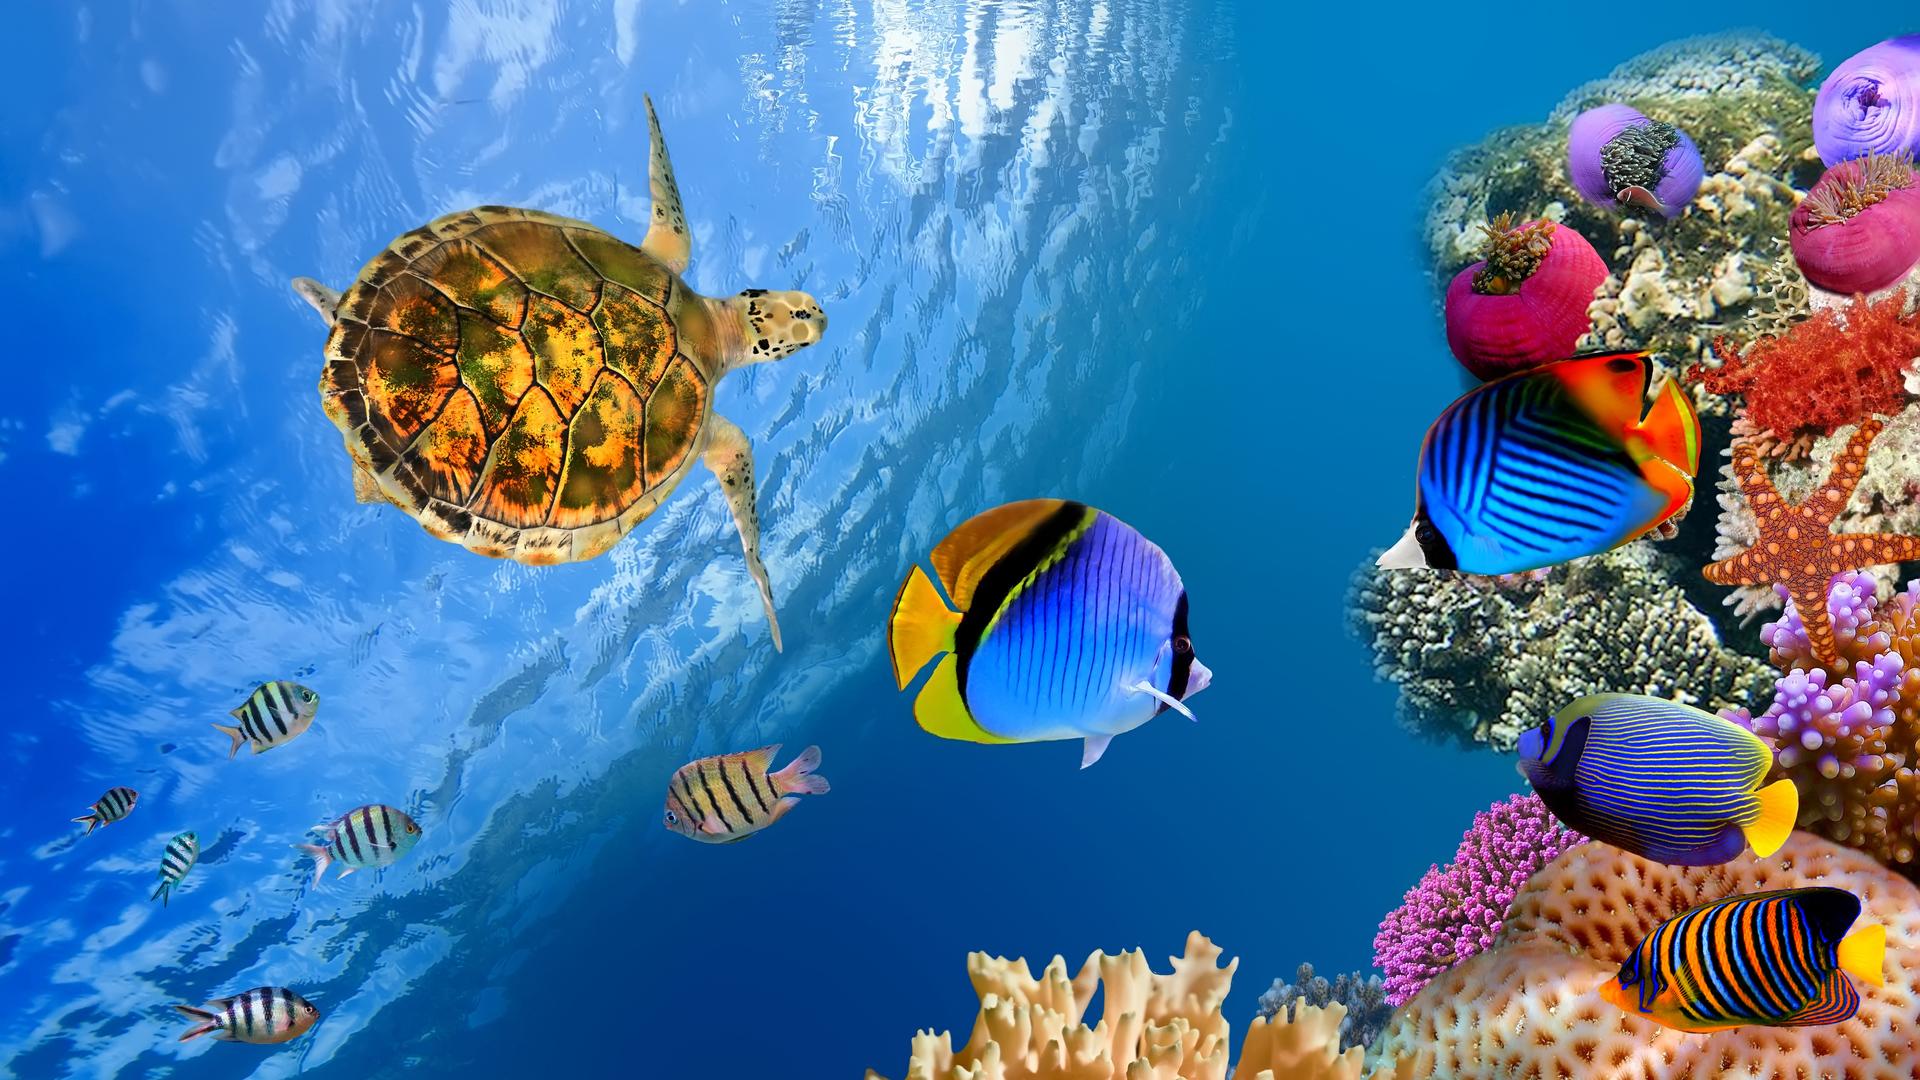 Underwater landscape 4K Ultra HD wallpaper 4k WallpaperNet 1920x1080